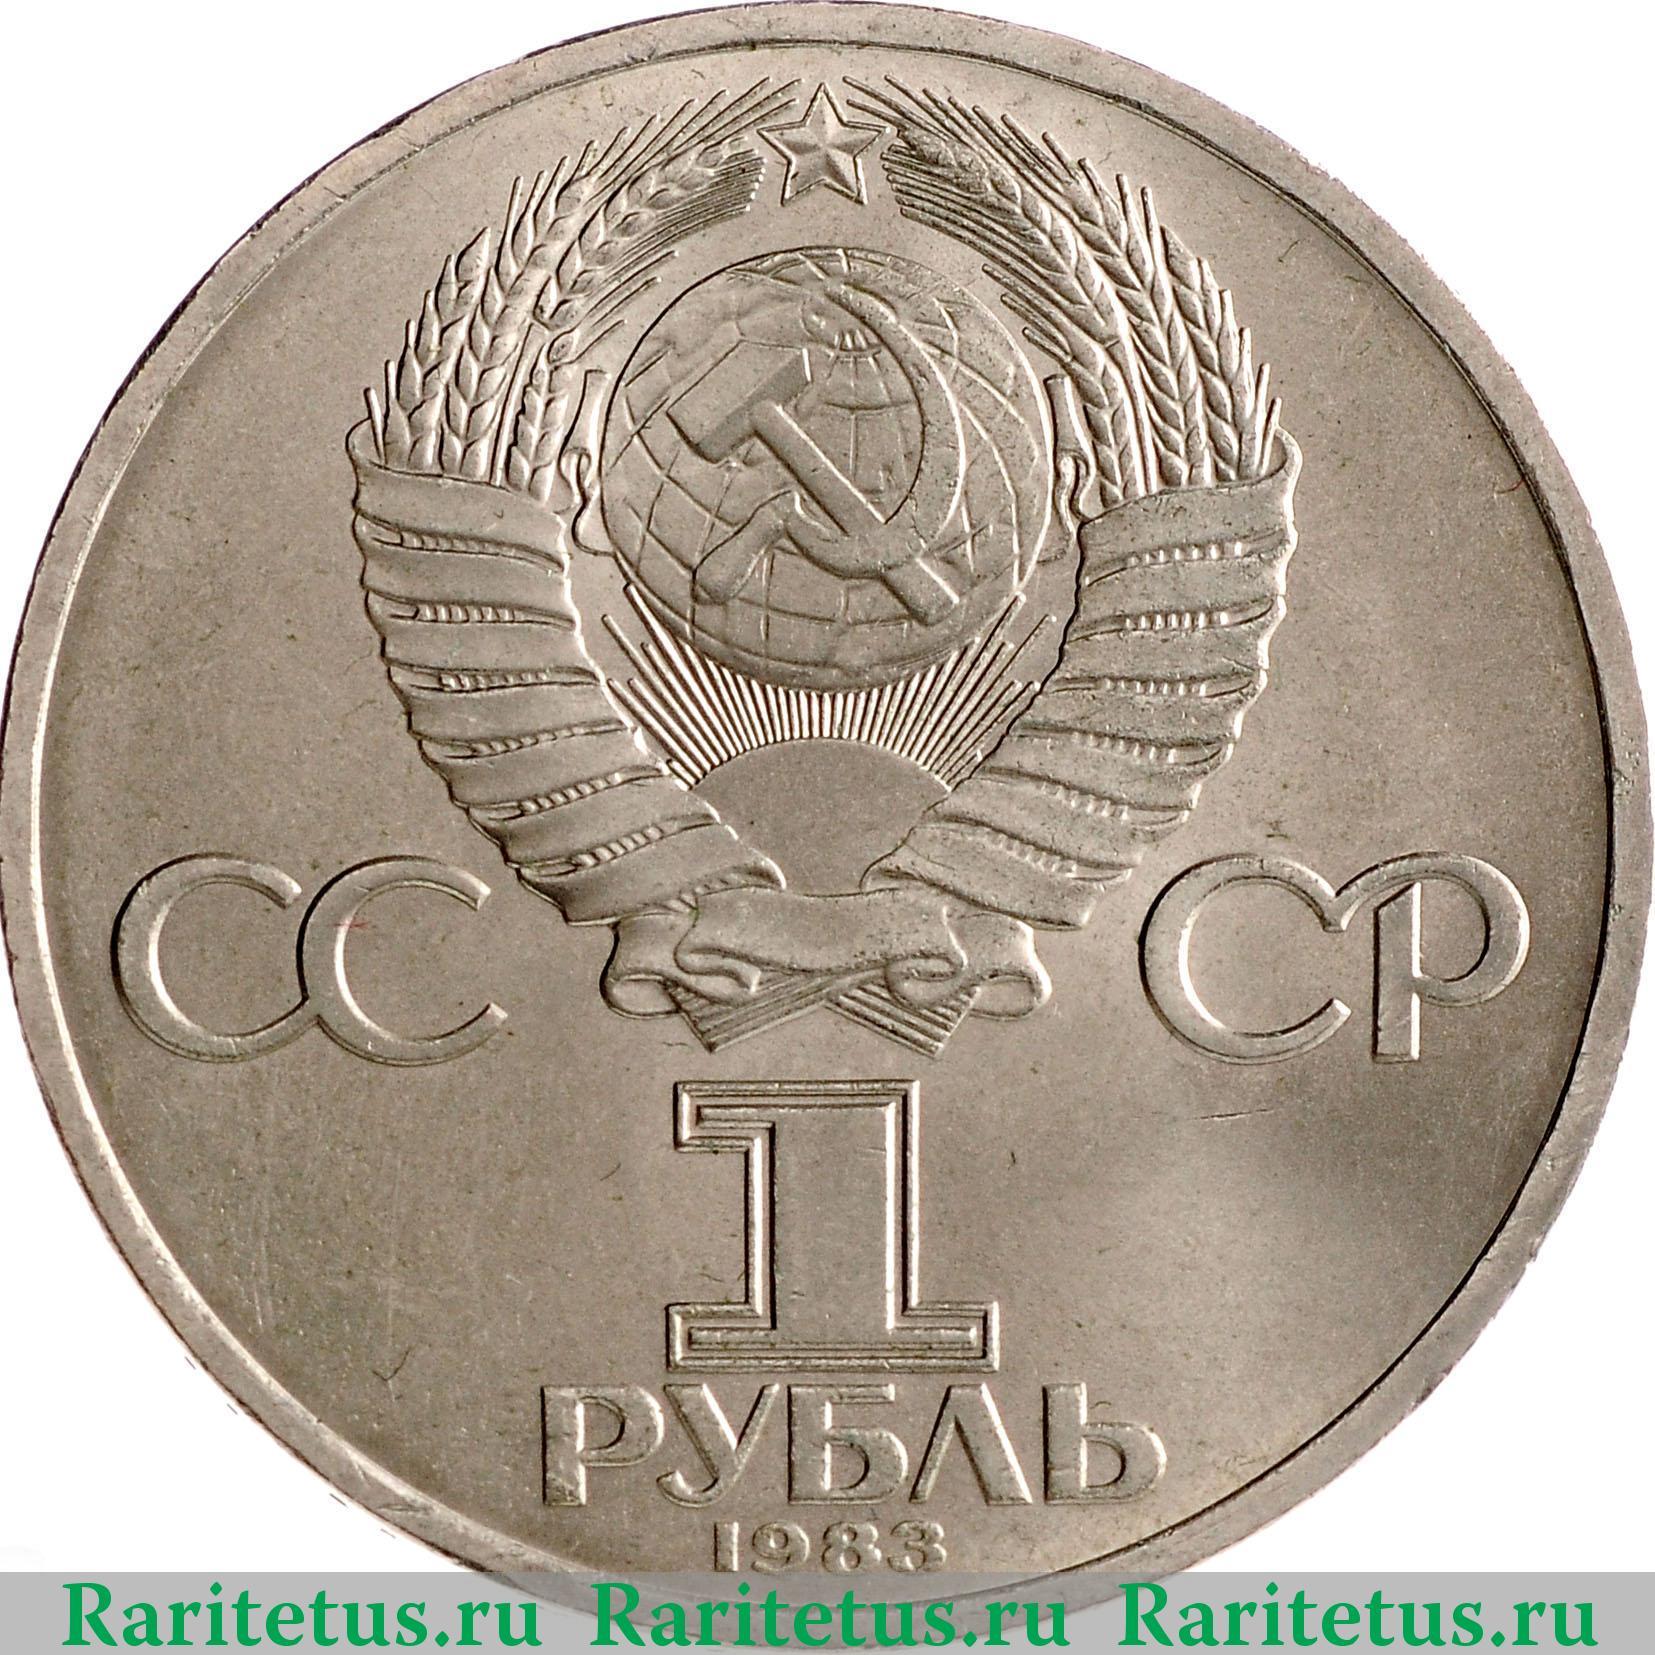 1 рубль 1983 иван федоров цена юбилейные карточки метрополитена